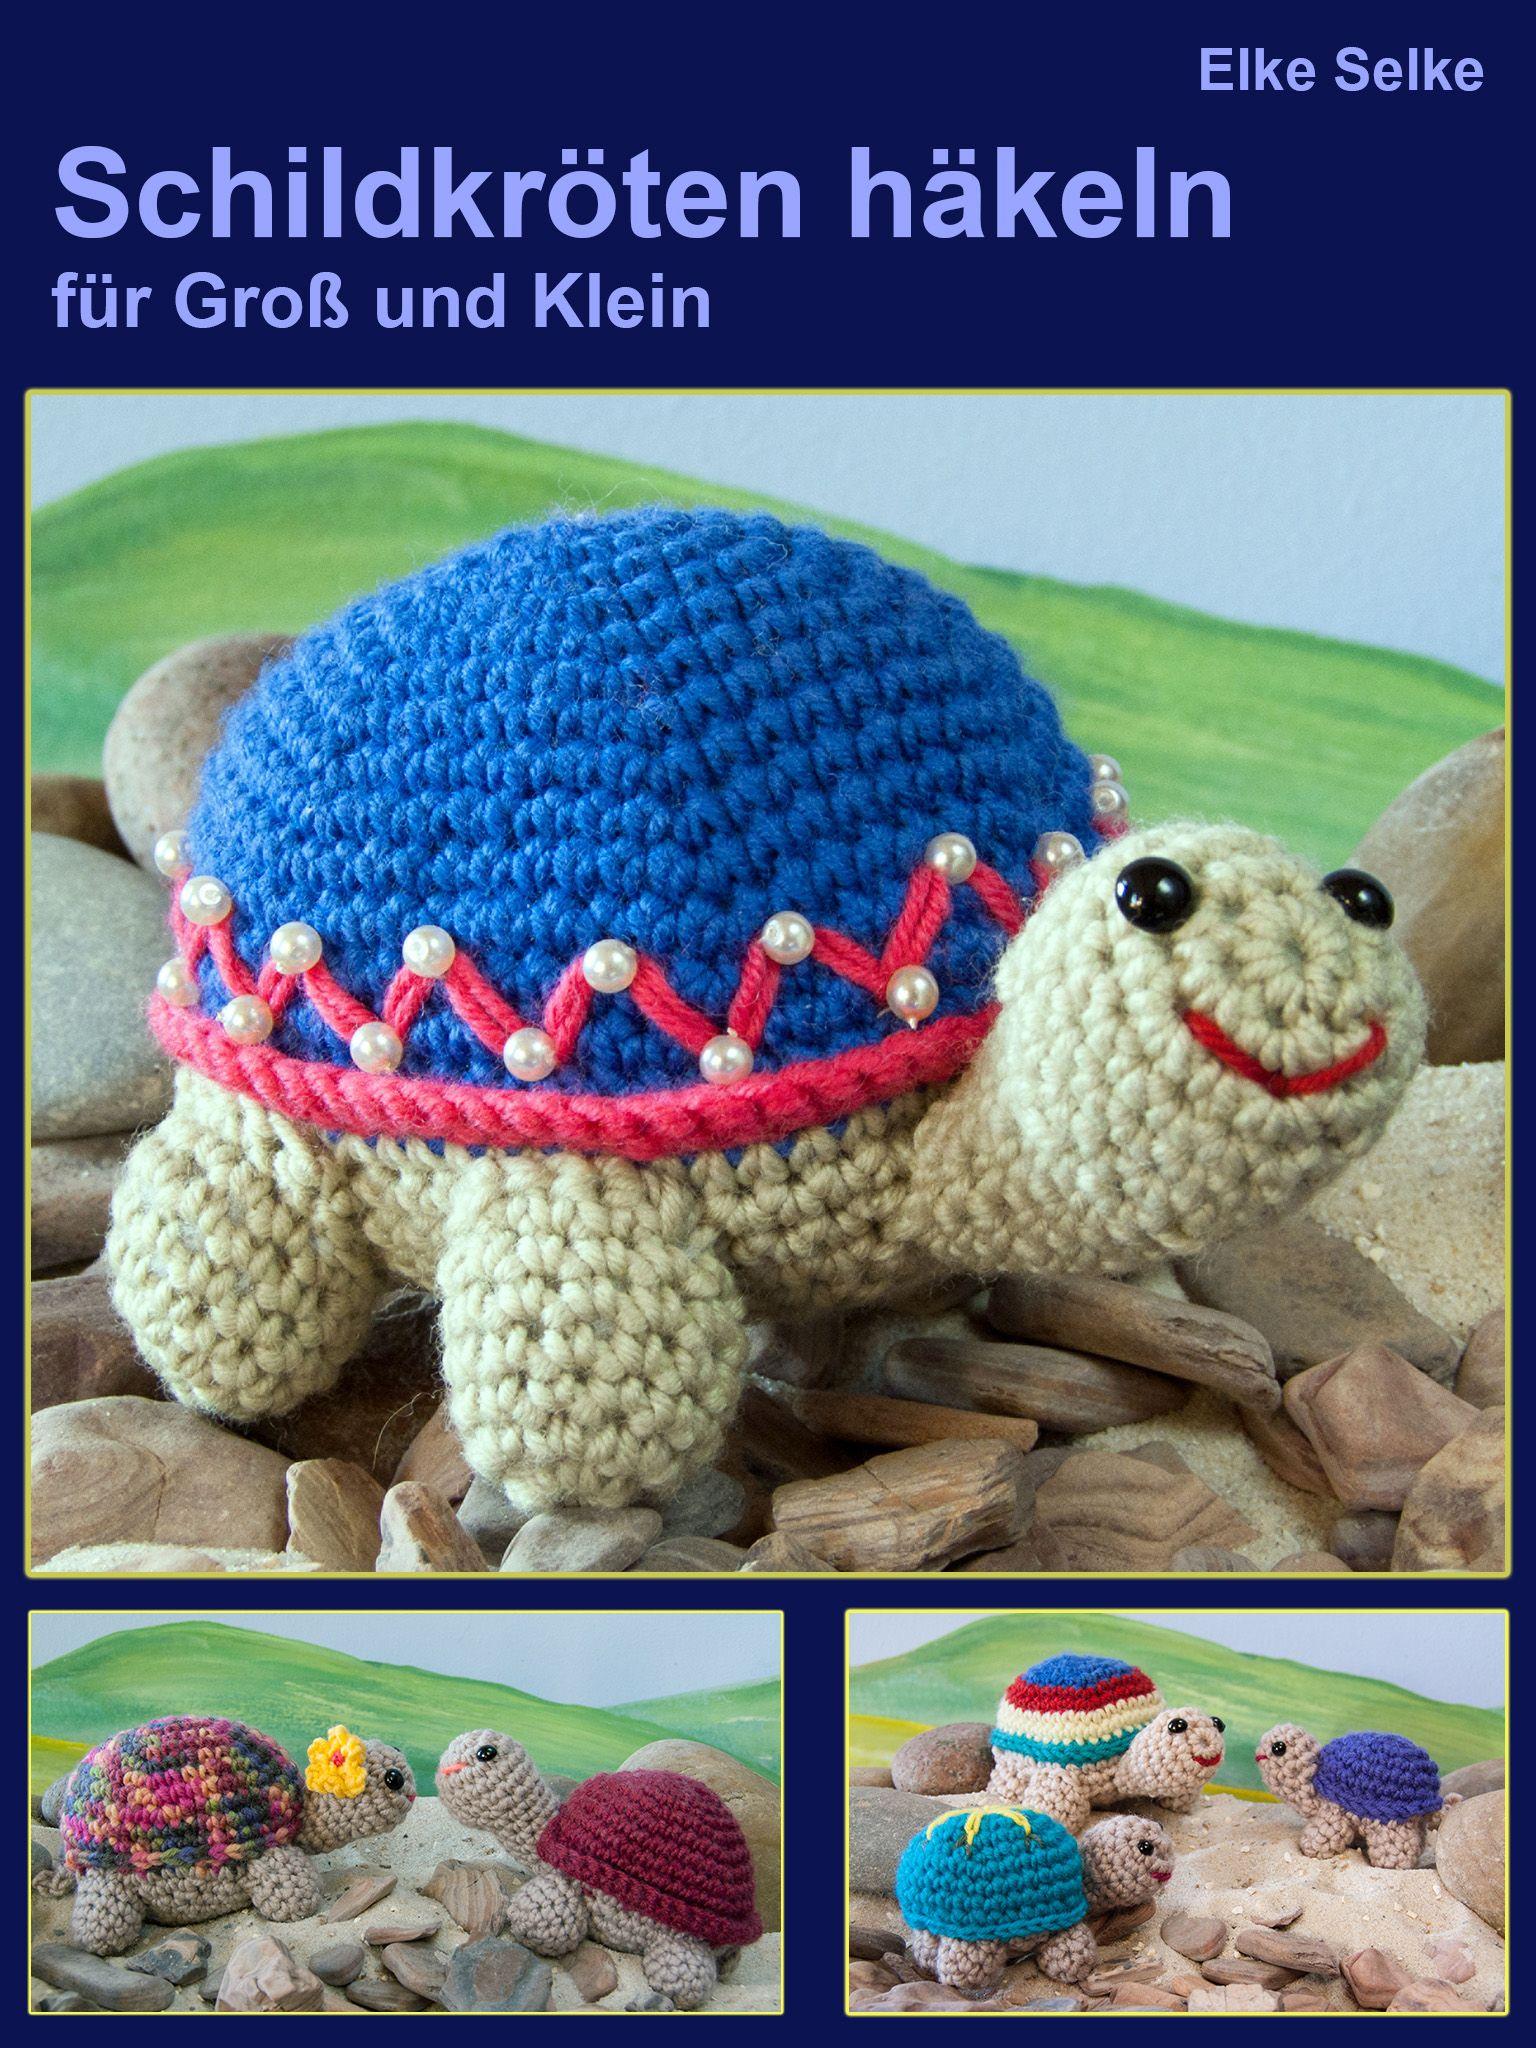 Schildkröten häkeln für Groß und Klein, e-book, erscheint im Januar 2016